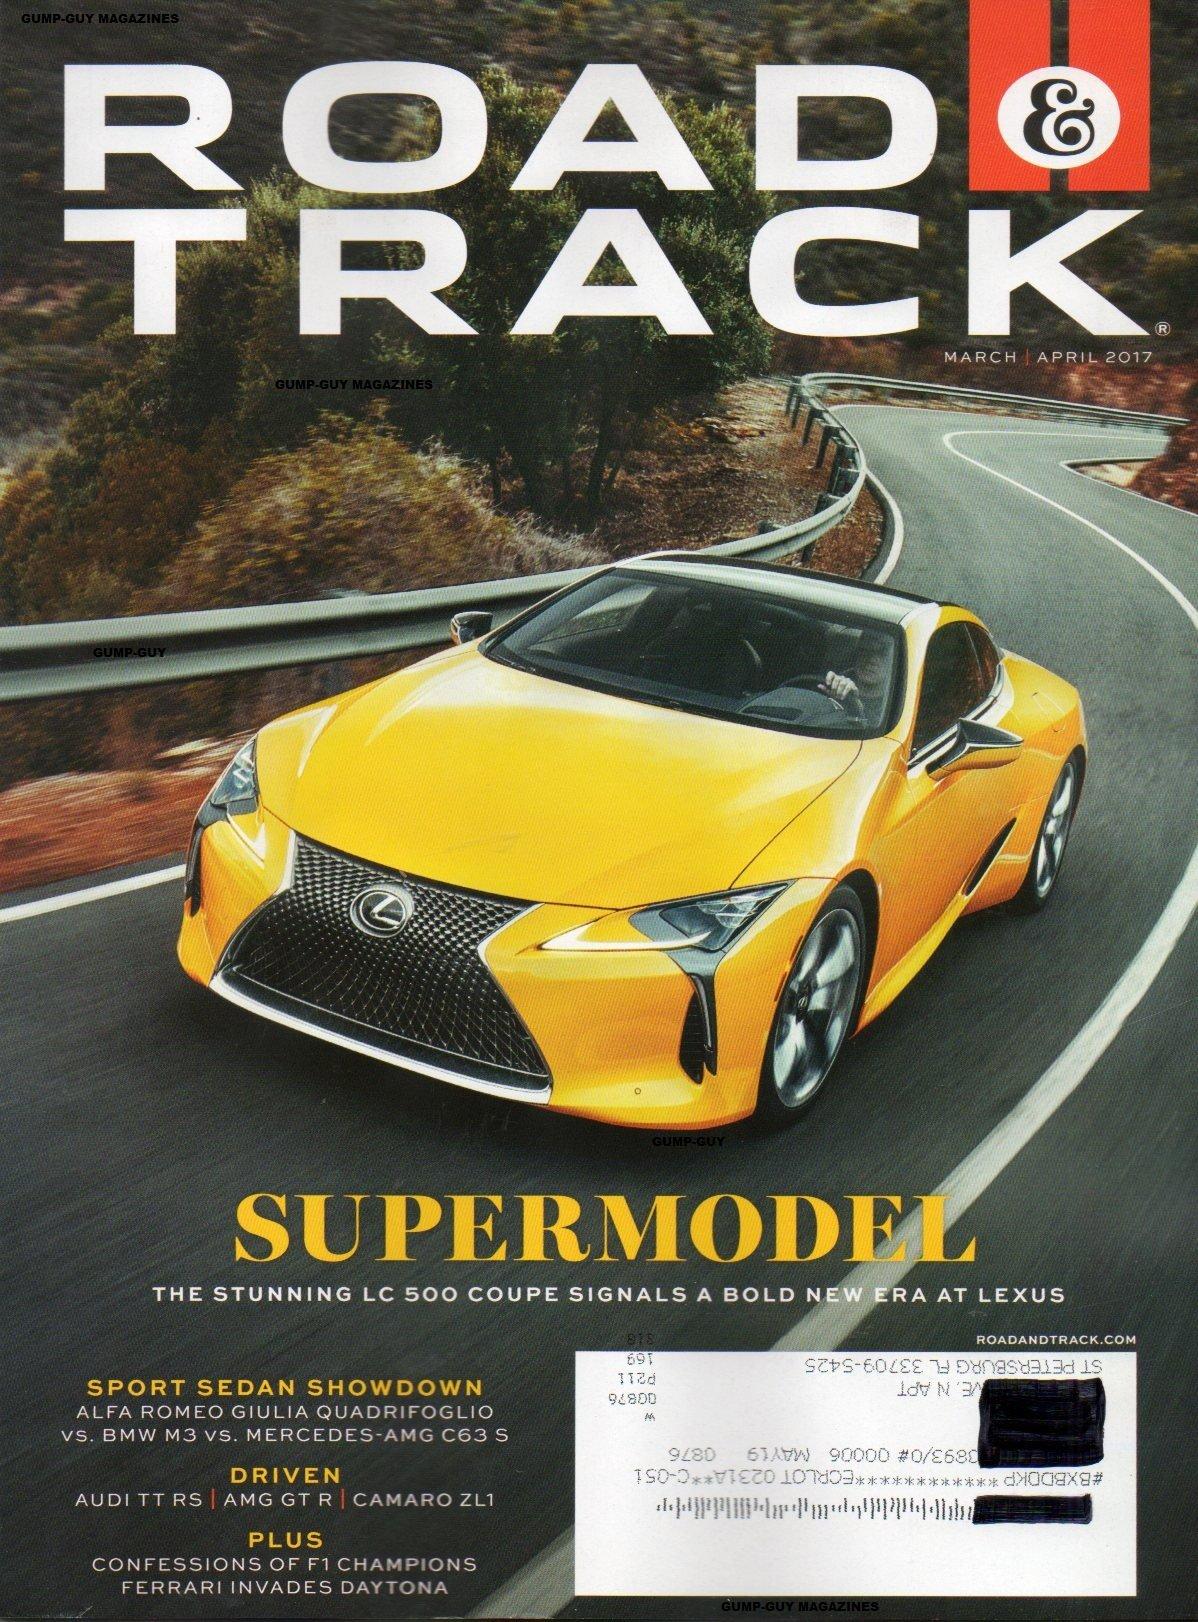 Road & Track 2017 Magazine SPORT SEDAN SHOWDOWN: ALFA ROMEO GIULIA QUADRIFOGLIO vs. BMW M3 vs>MERCEDES-AMG C63 S Single Issue Magazine – 2017